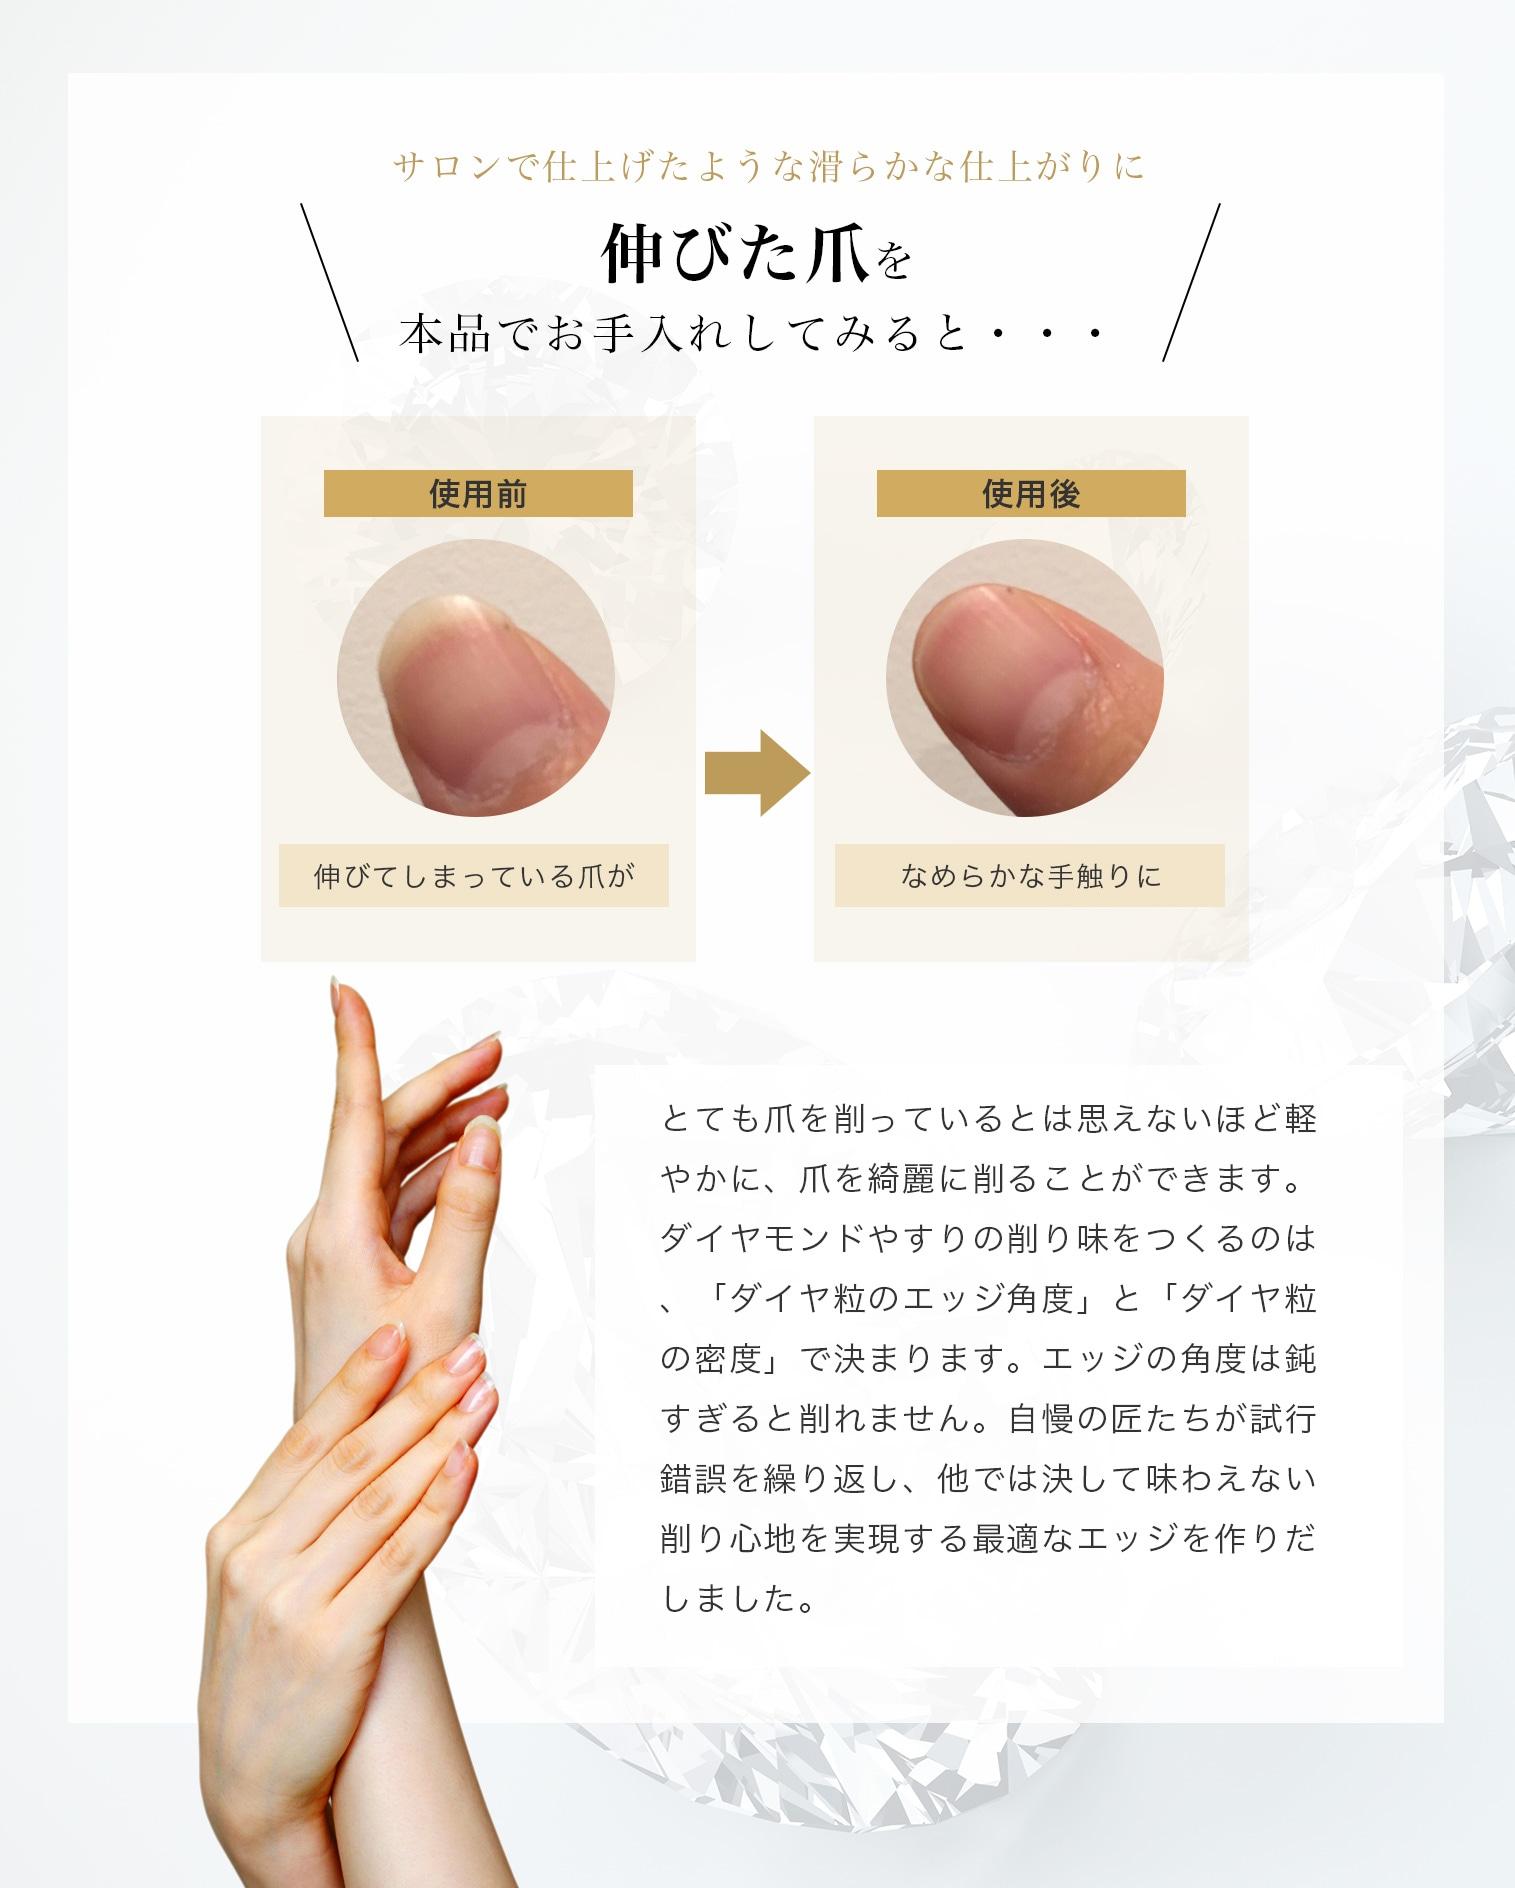 サロンで仕上げたような滑らかな仕上がりに伸びた爪を本品でお手入れしてみると・・・使用前伸びてしまっている爪が使用後なめらかな手触りにとても爪を削っているとは思えないほど軽やかに、爪を綺麗に削ることができます。ダイヤモンドやすりの削り味をつくるのは、「ダイヤ粒のエッジ角度」と「ダイヤ粒の密度」で決まります。エッジの角度は鈍すぎると削れません。自慢の匠たちが試行錯誤を繰り返し、他では決して味わえない削り心地を実現する最適なエッジを作りだしました。